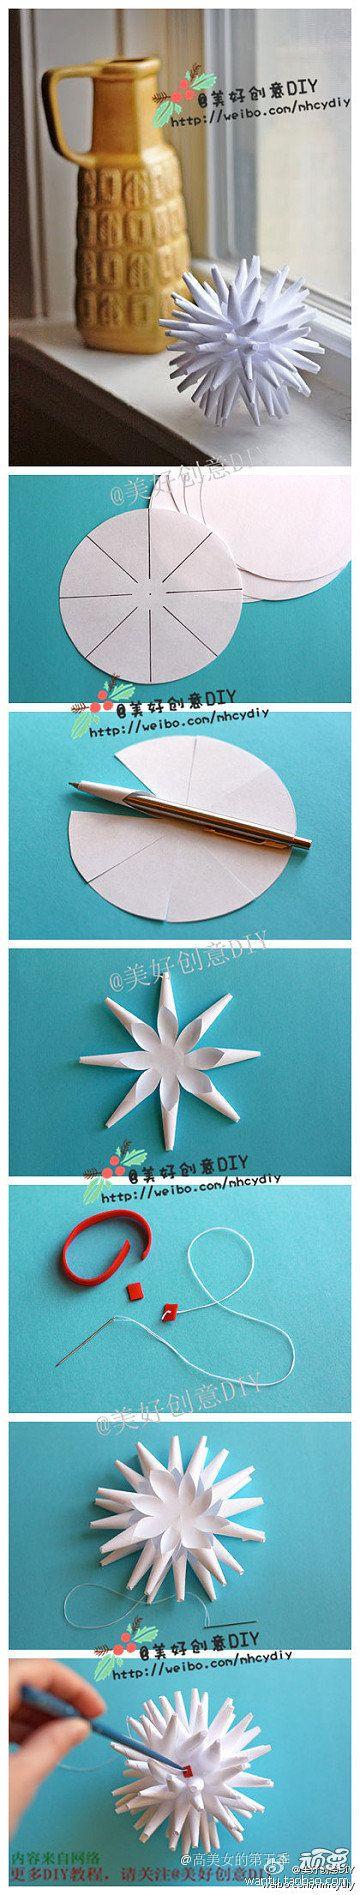 paper stars!    http://www.pinterest.com/sabinethiriot/papier/?utm_campaign=recs_141103&utm_term=1&utm_content=485474103520733675&e_t=a27a5a75f2a748458cb0dcee753a0a70&utm_source=31&e_t_s=boards&utm_medium=2011